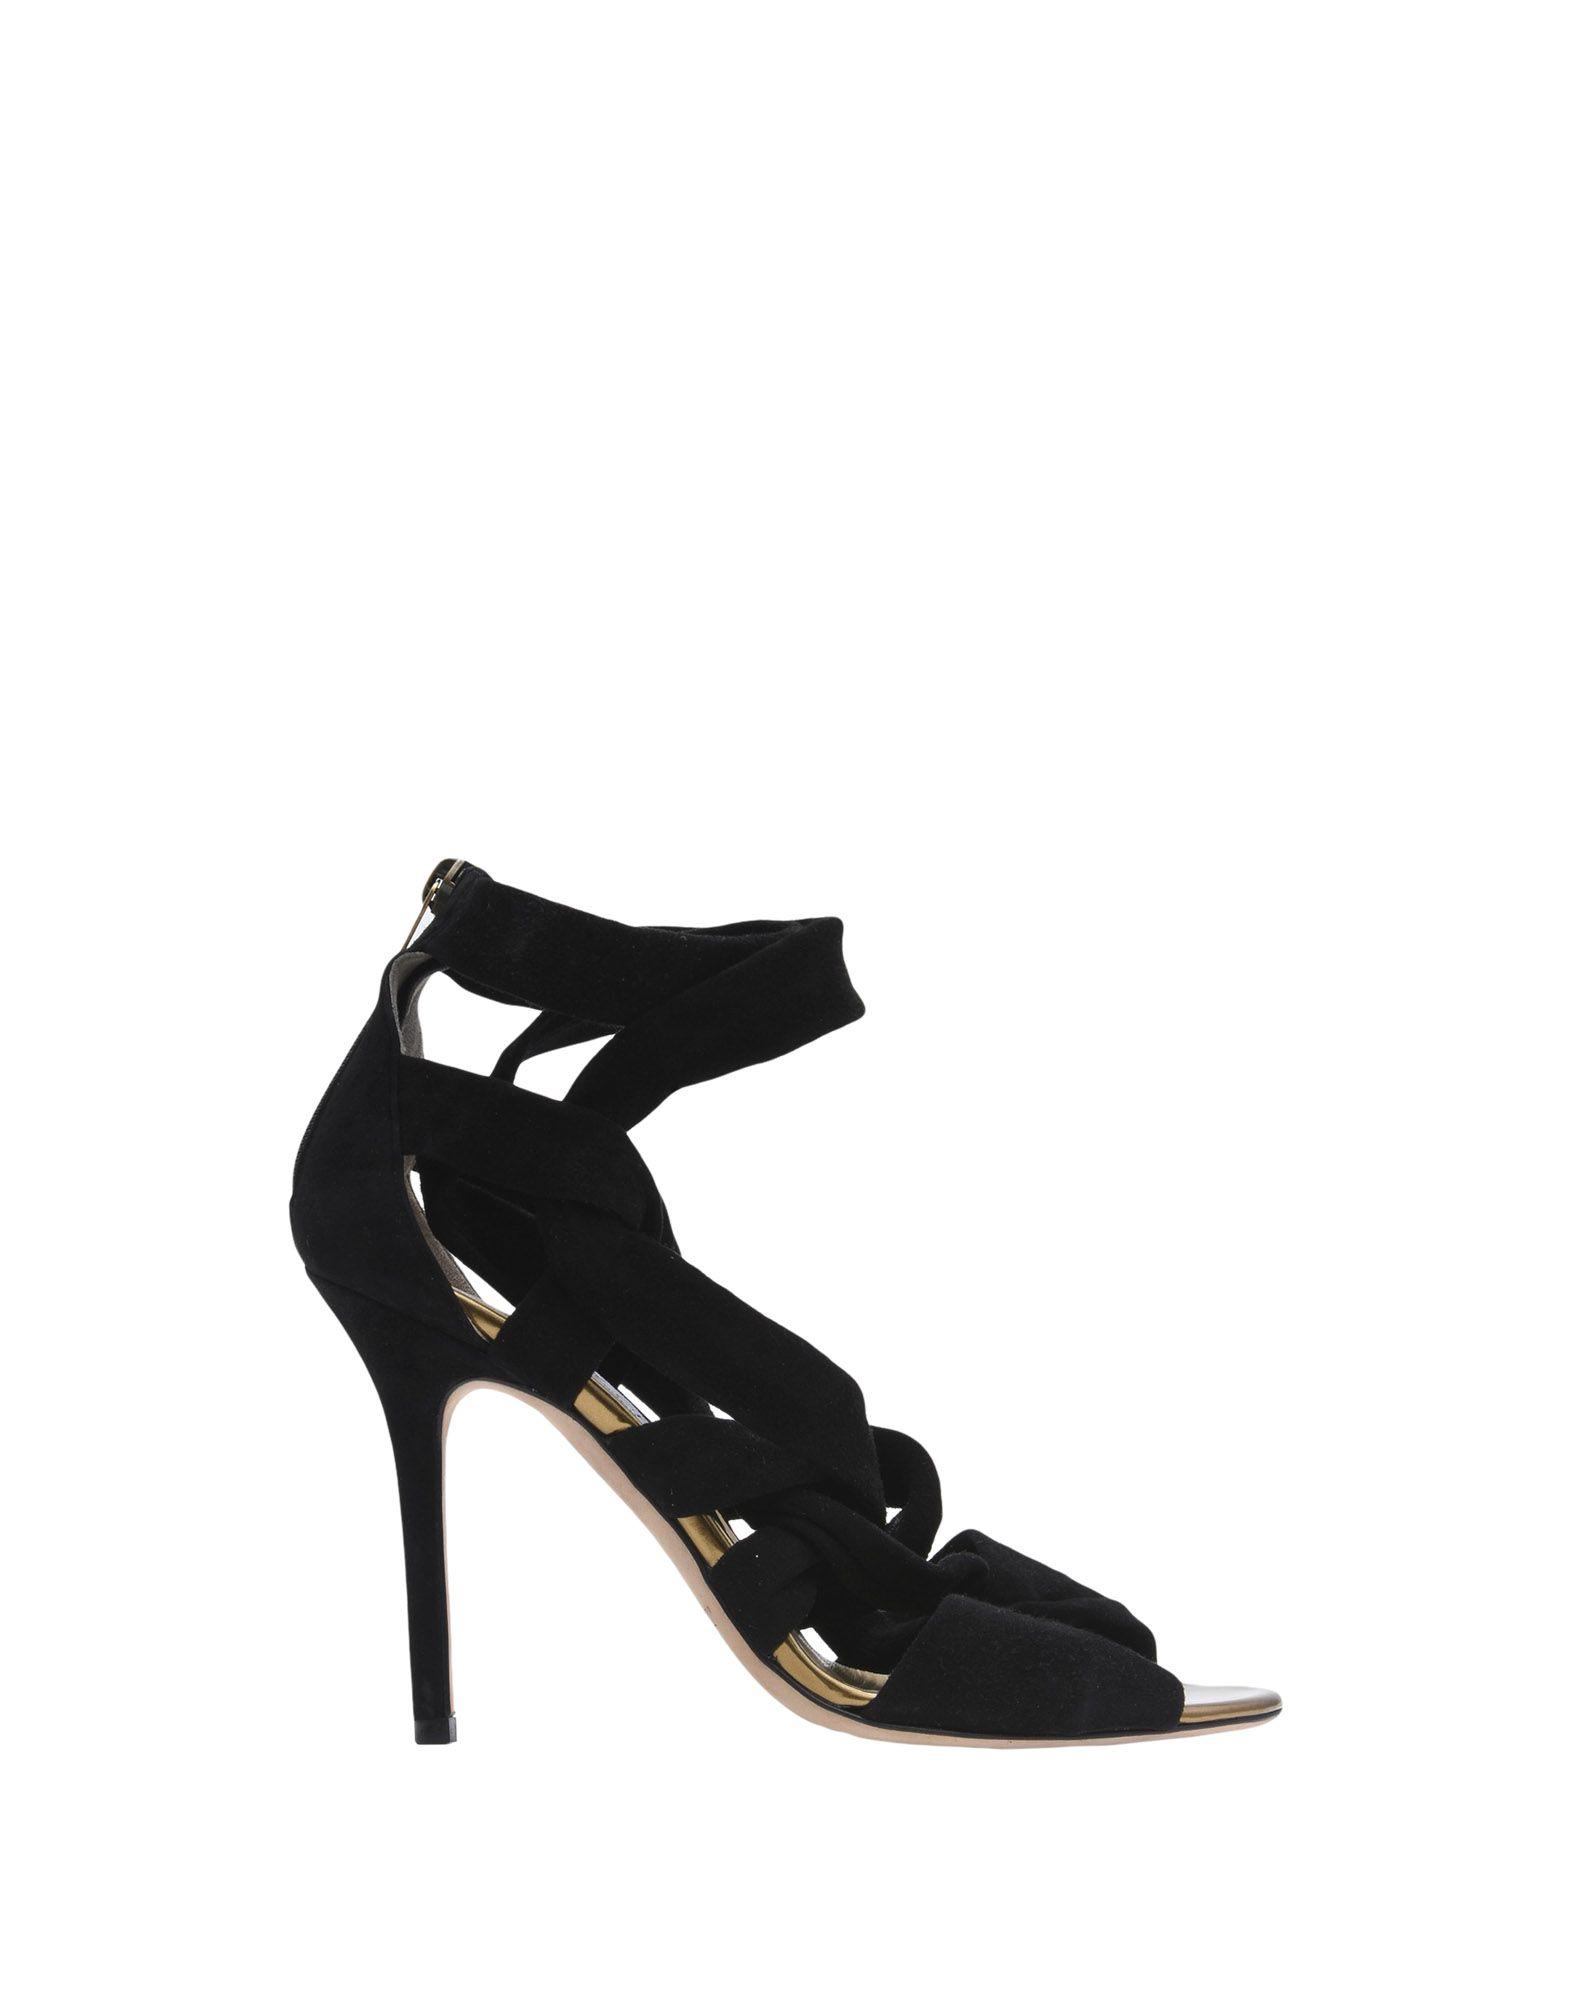 Jimmy Choo Sandalen Damen  11480490JD Schuhe Beliebte Schuhe 11480490JD d12ba2